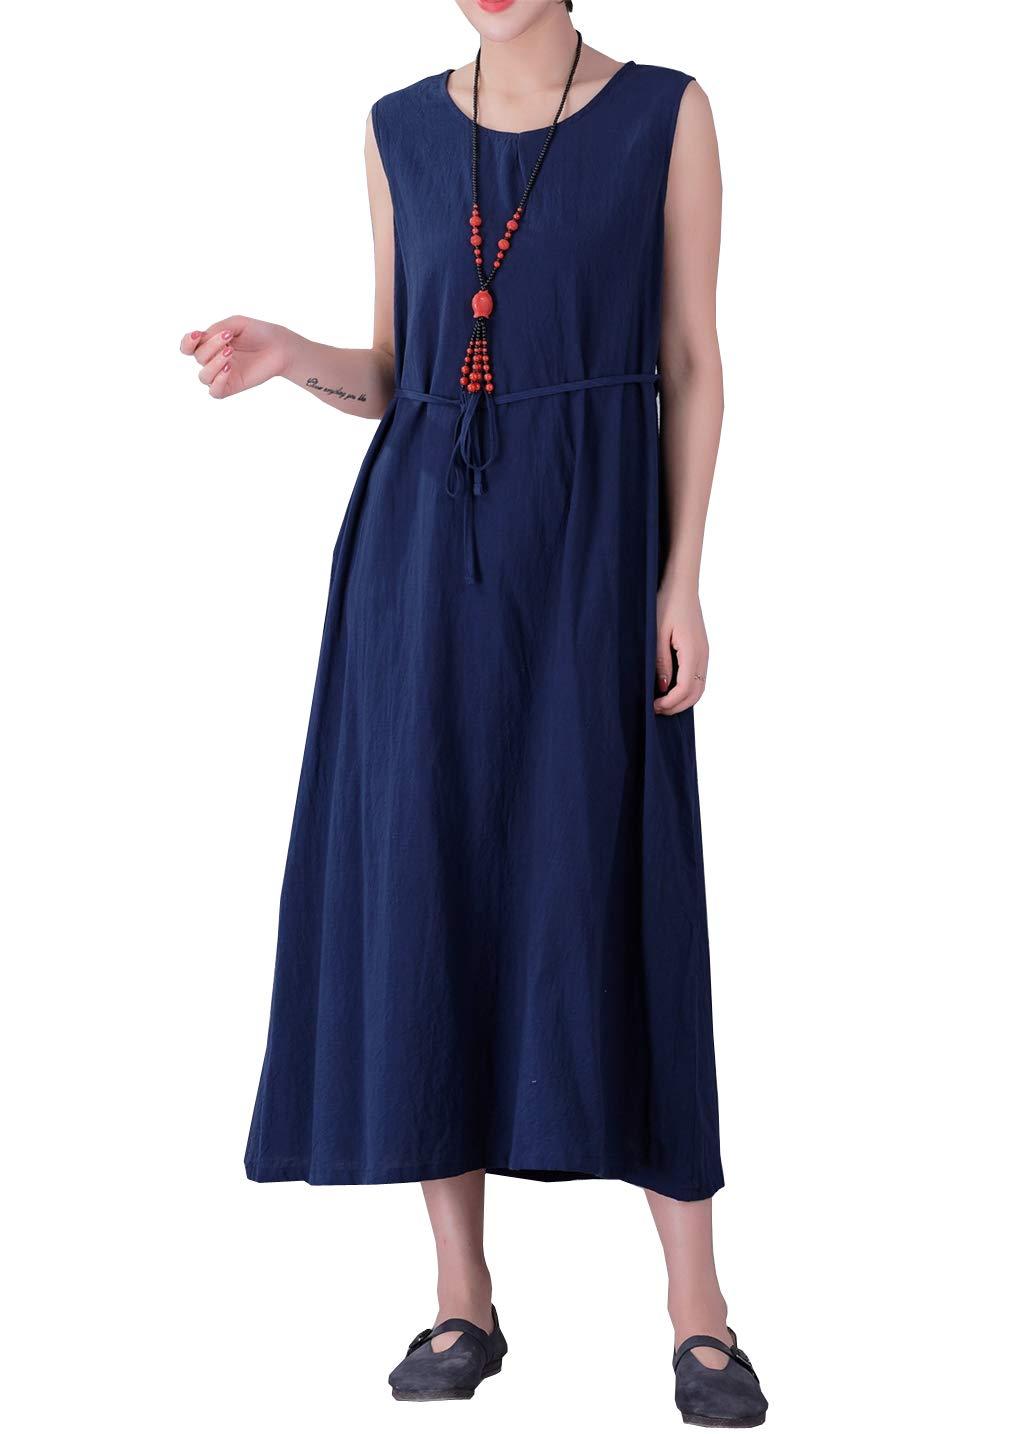 0e0f944a5944 YUHEYUHE Women's Casual Loose Summer Sundress Sleeveless Soft Long Maxi Cotton  Linen Dress Navy